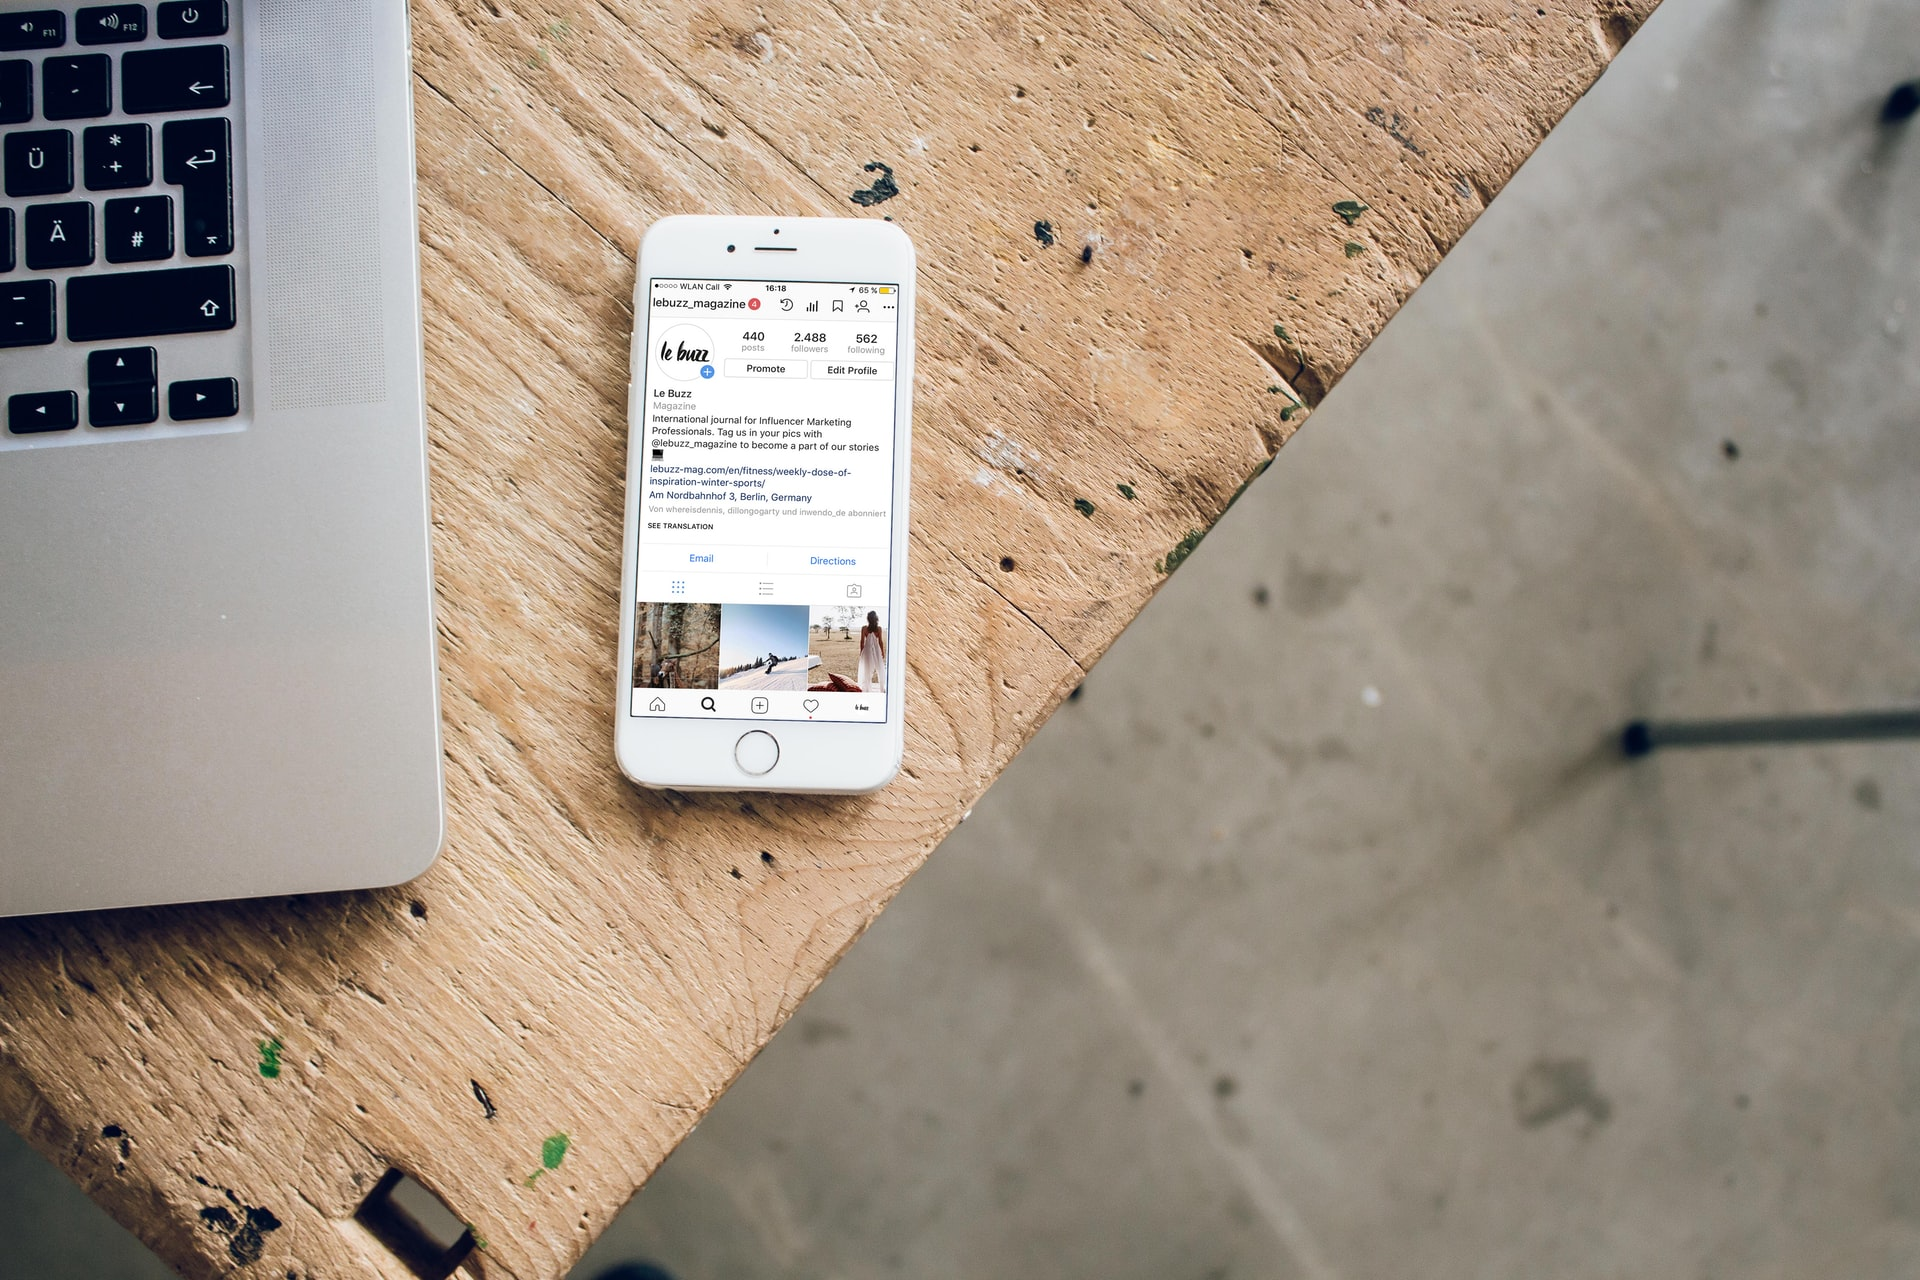 Cara Menghapus Akun Instagram Permanen